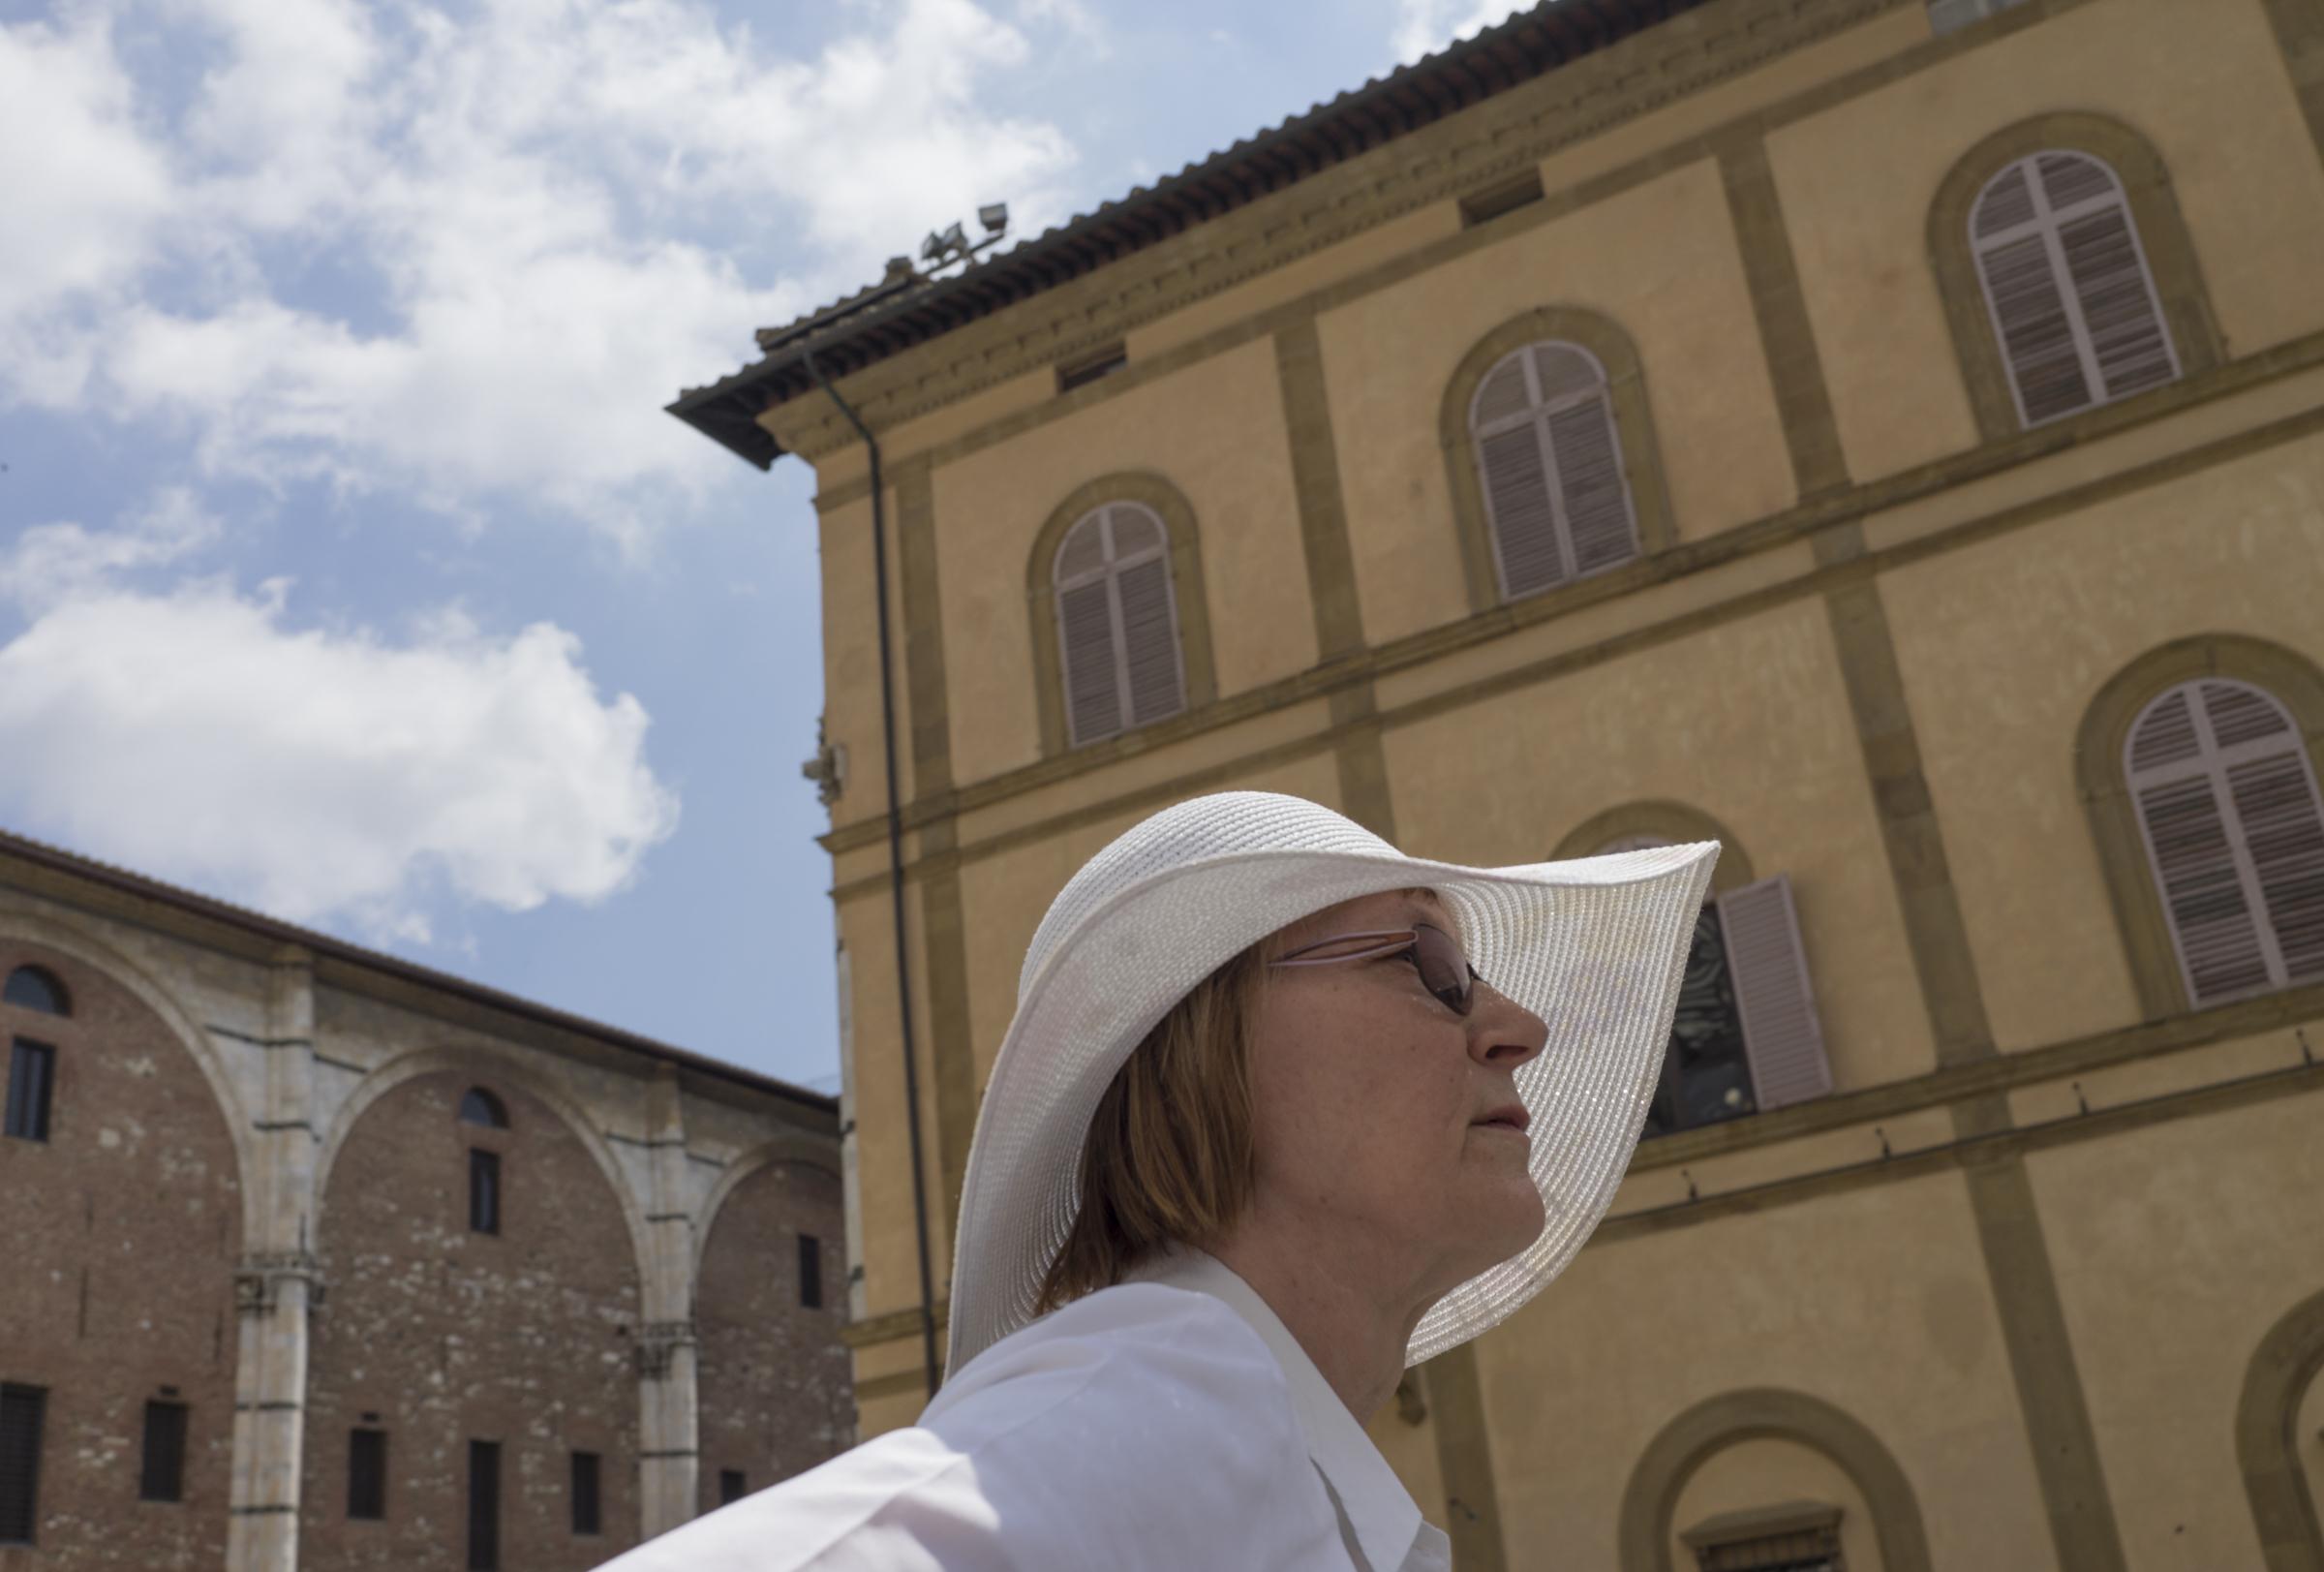 Siena White Hatjpg.jpg